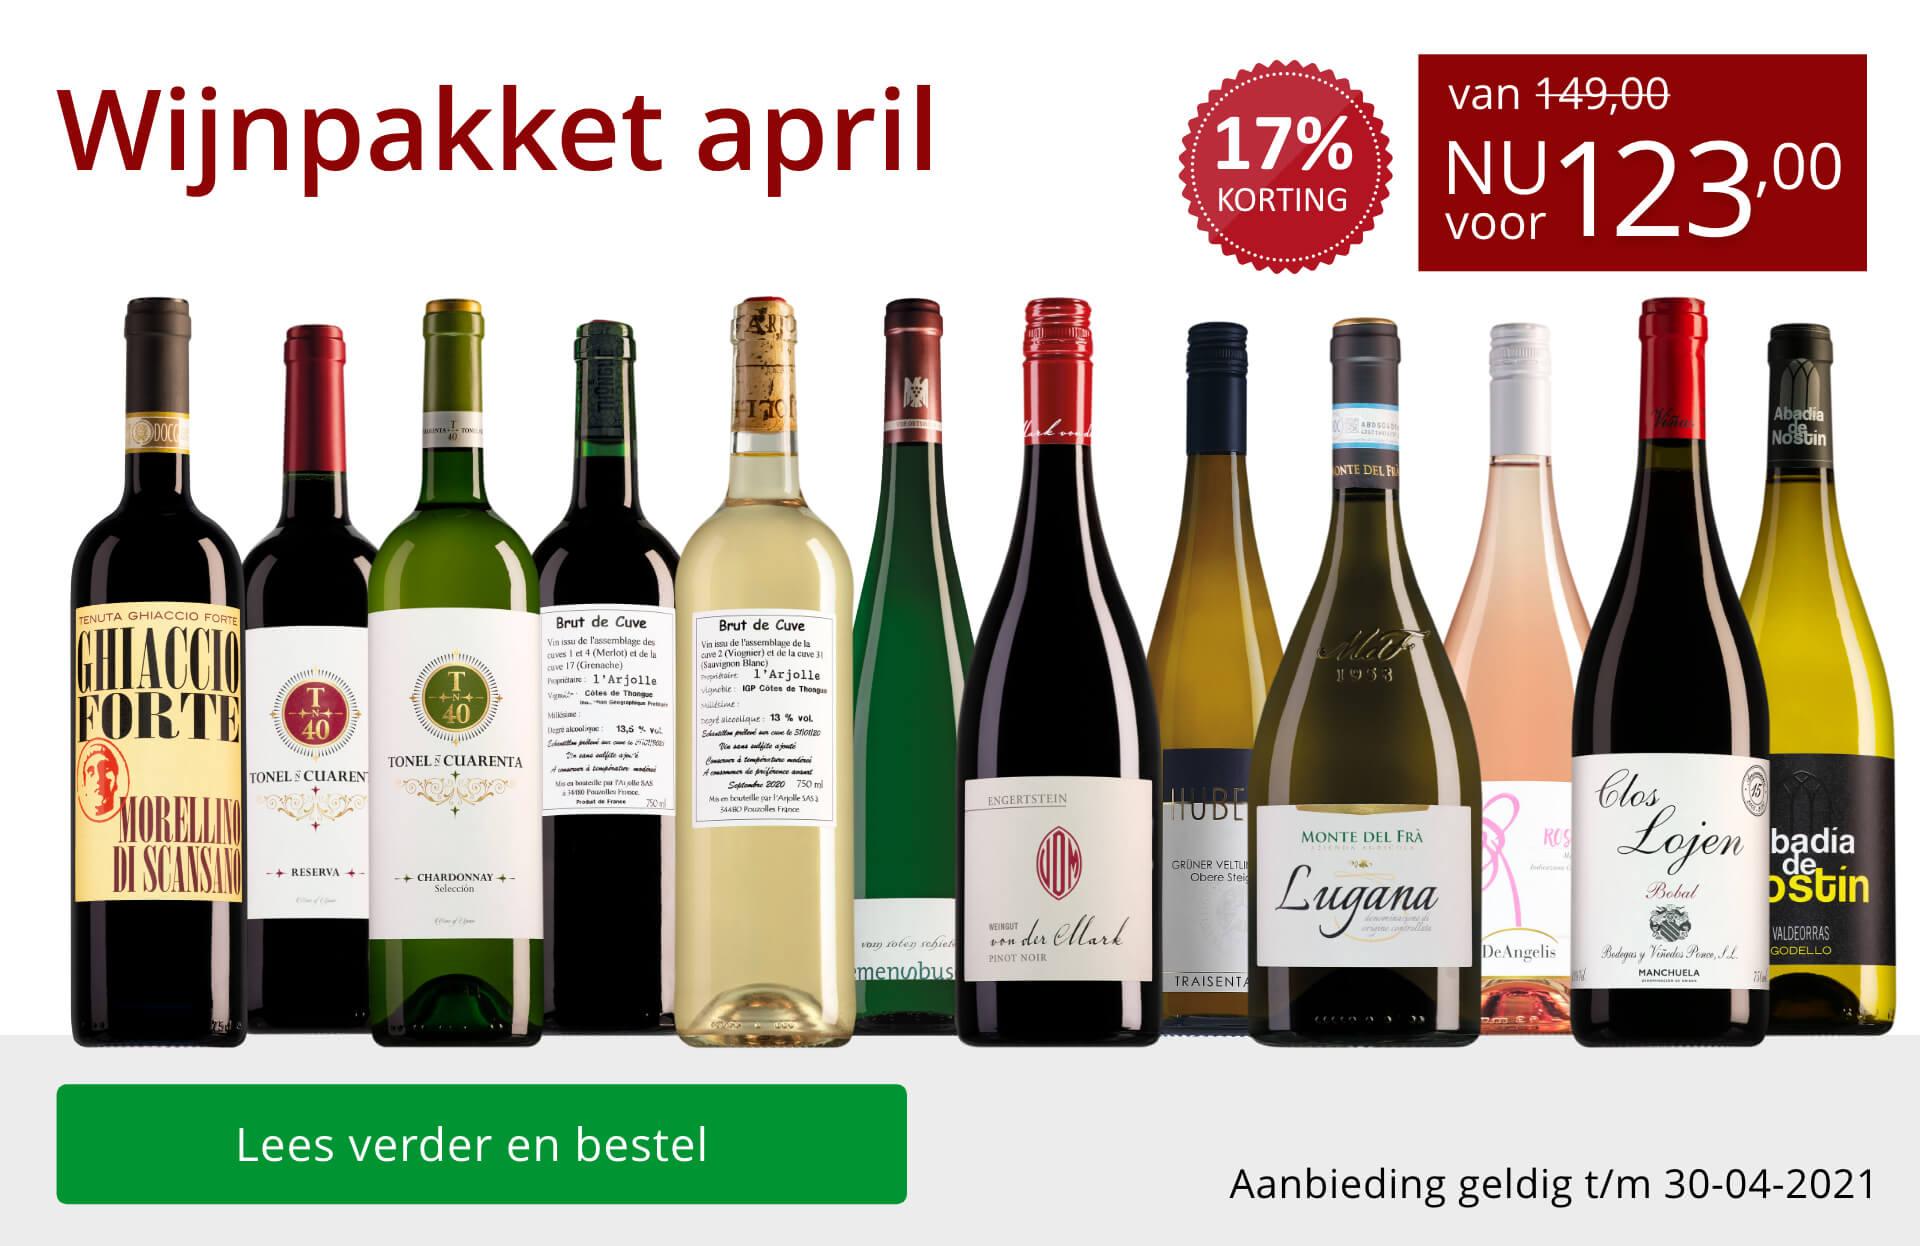 Wijnpakket wijnbericht april 2021 (123,00) - rood